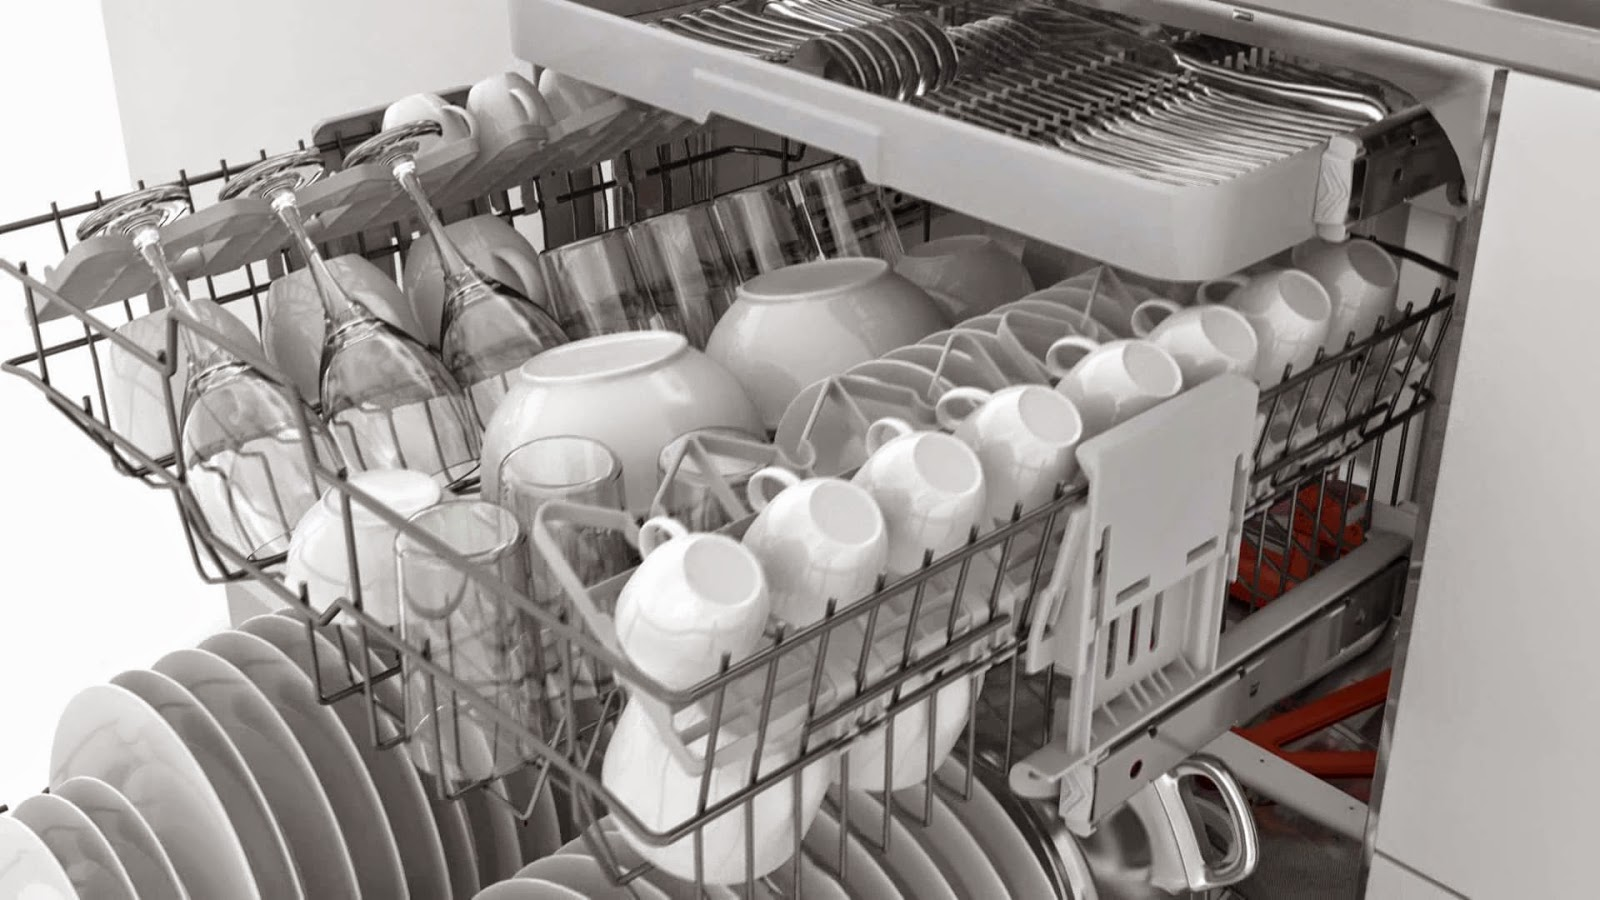 Che-differenza-c'è-tra-sale-da-cucina-e-sale-per-lavastoviglie